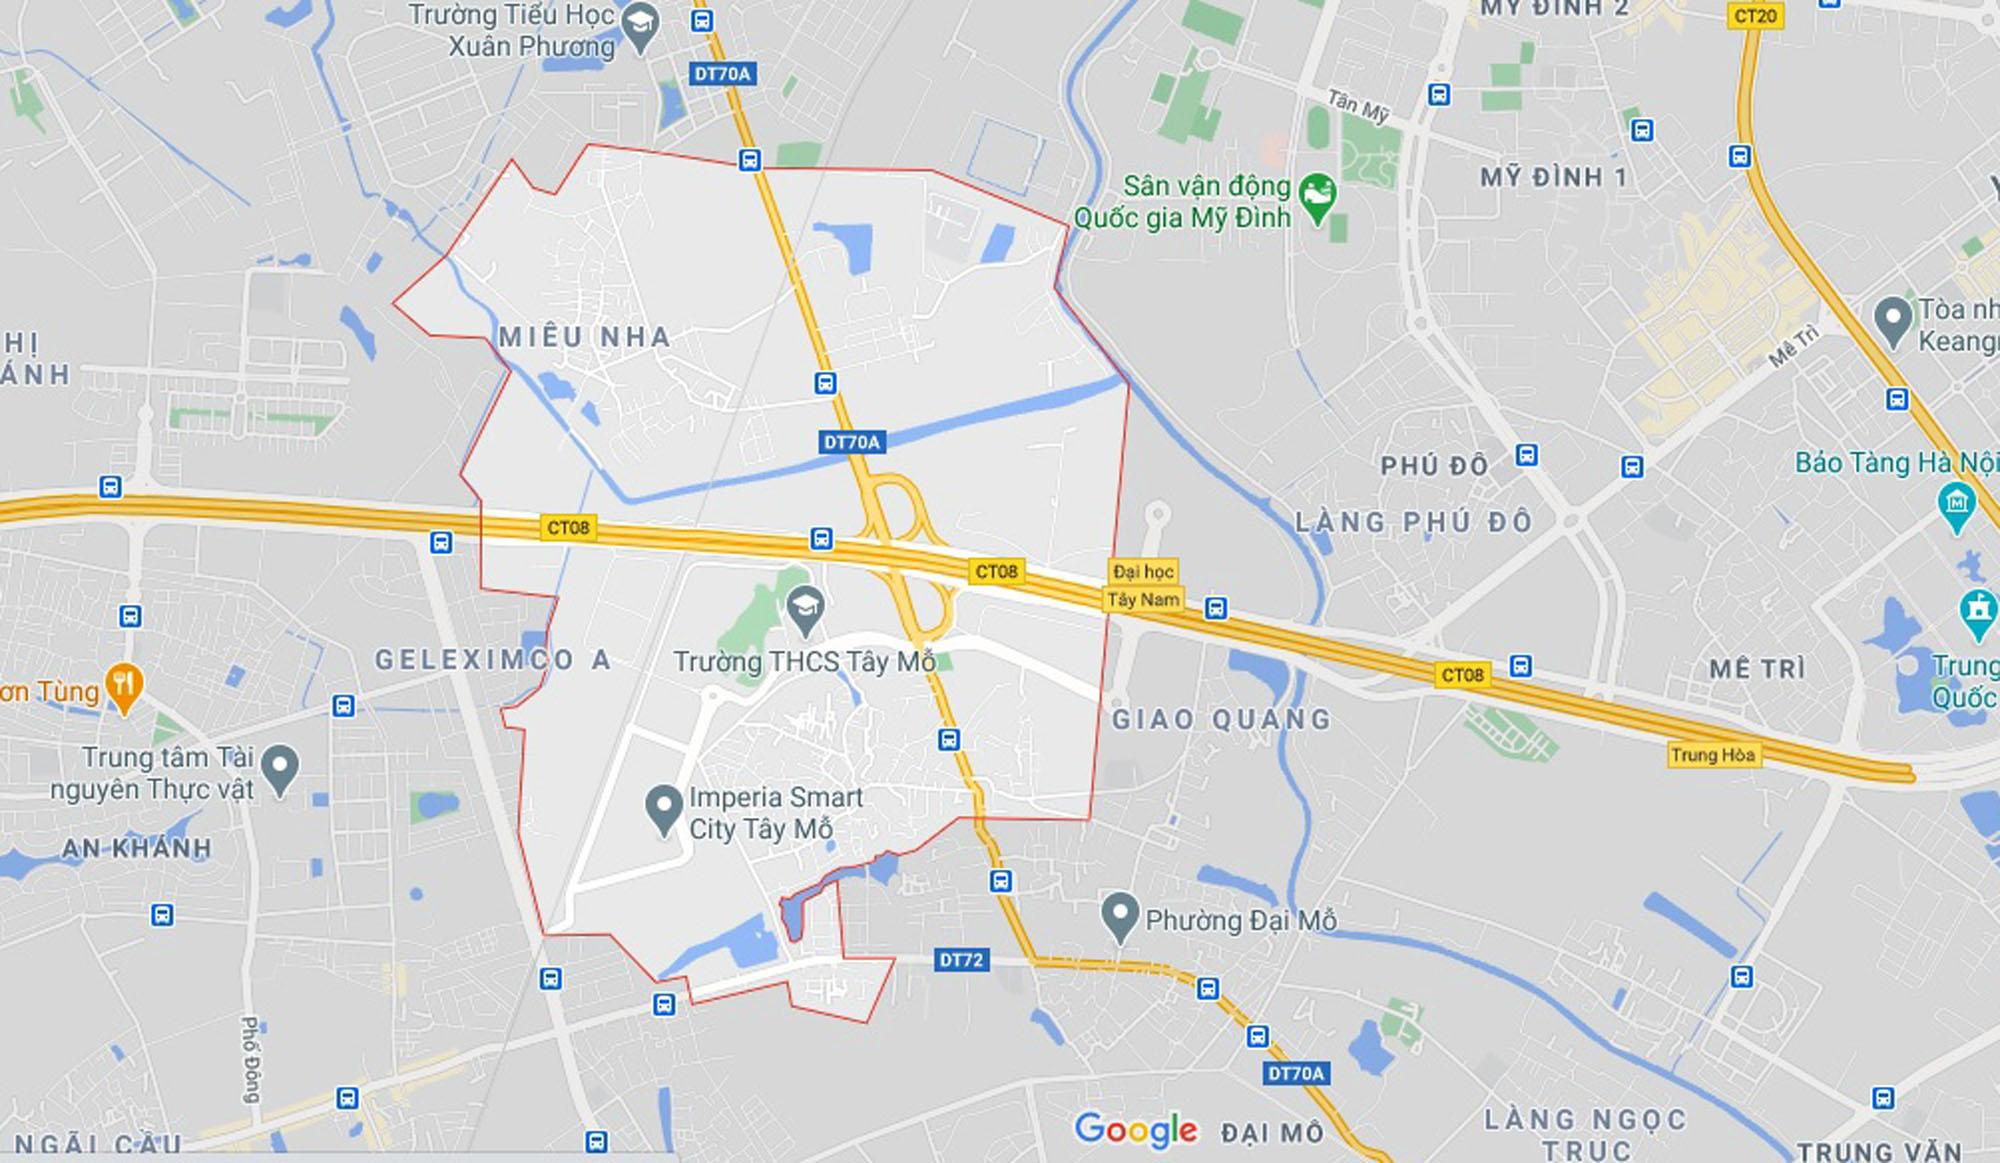 Ba đường sẽ mở theo qui hoạch ở phường Tây Mỗ, Nam Từ Liêm, Hà Nội (phần 2) - Ảnh 1.